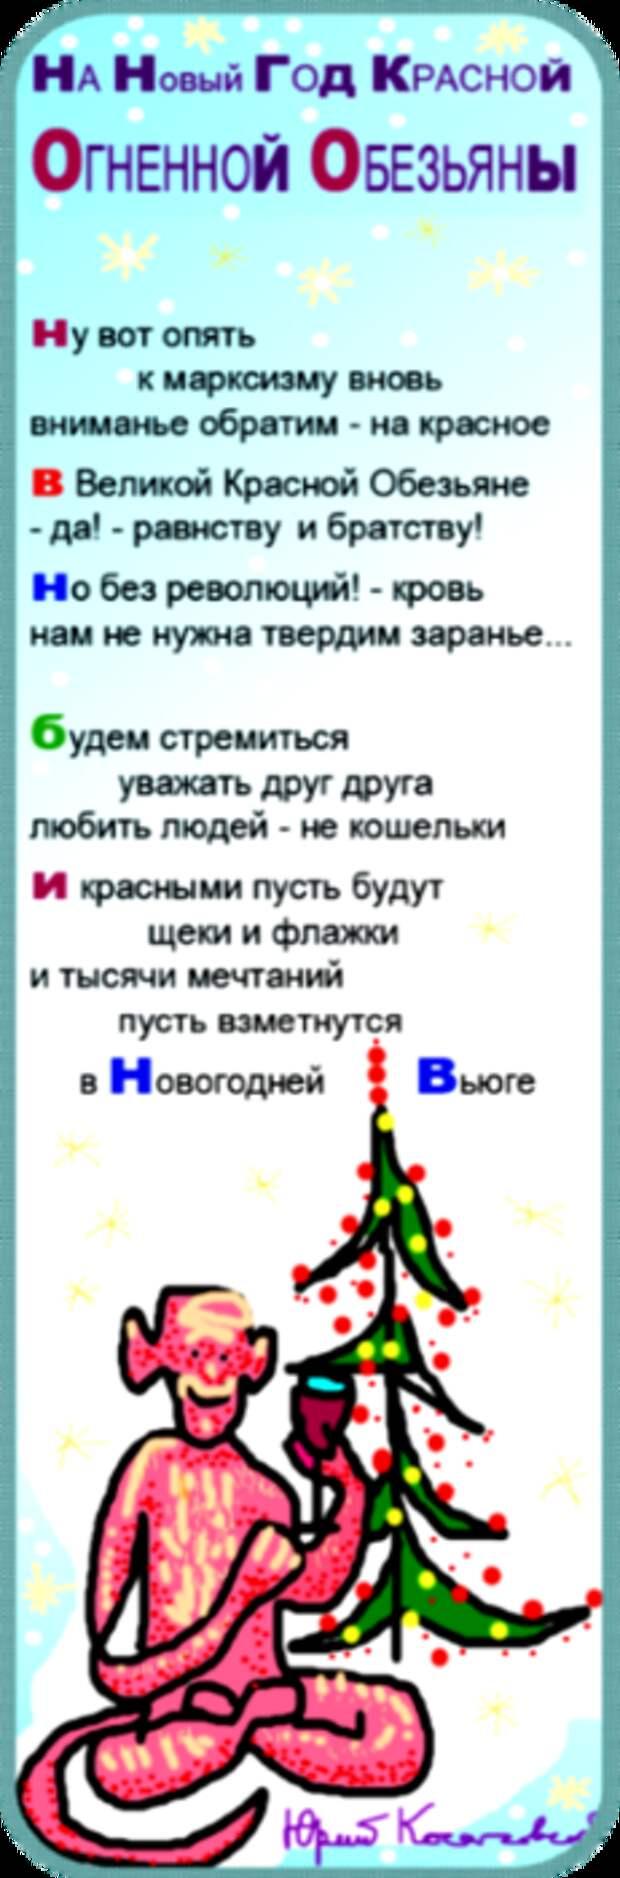 Новый-Год-Красной-Обезьяны_-_290 (231x700, 197Kb)